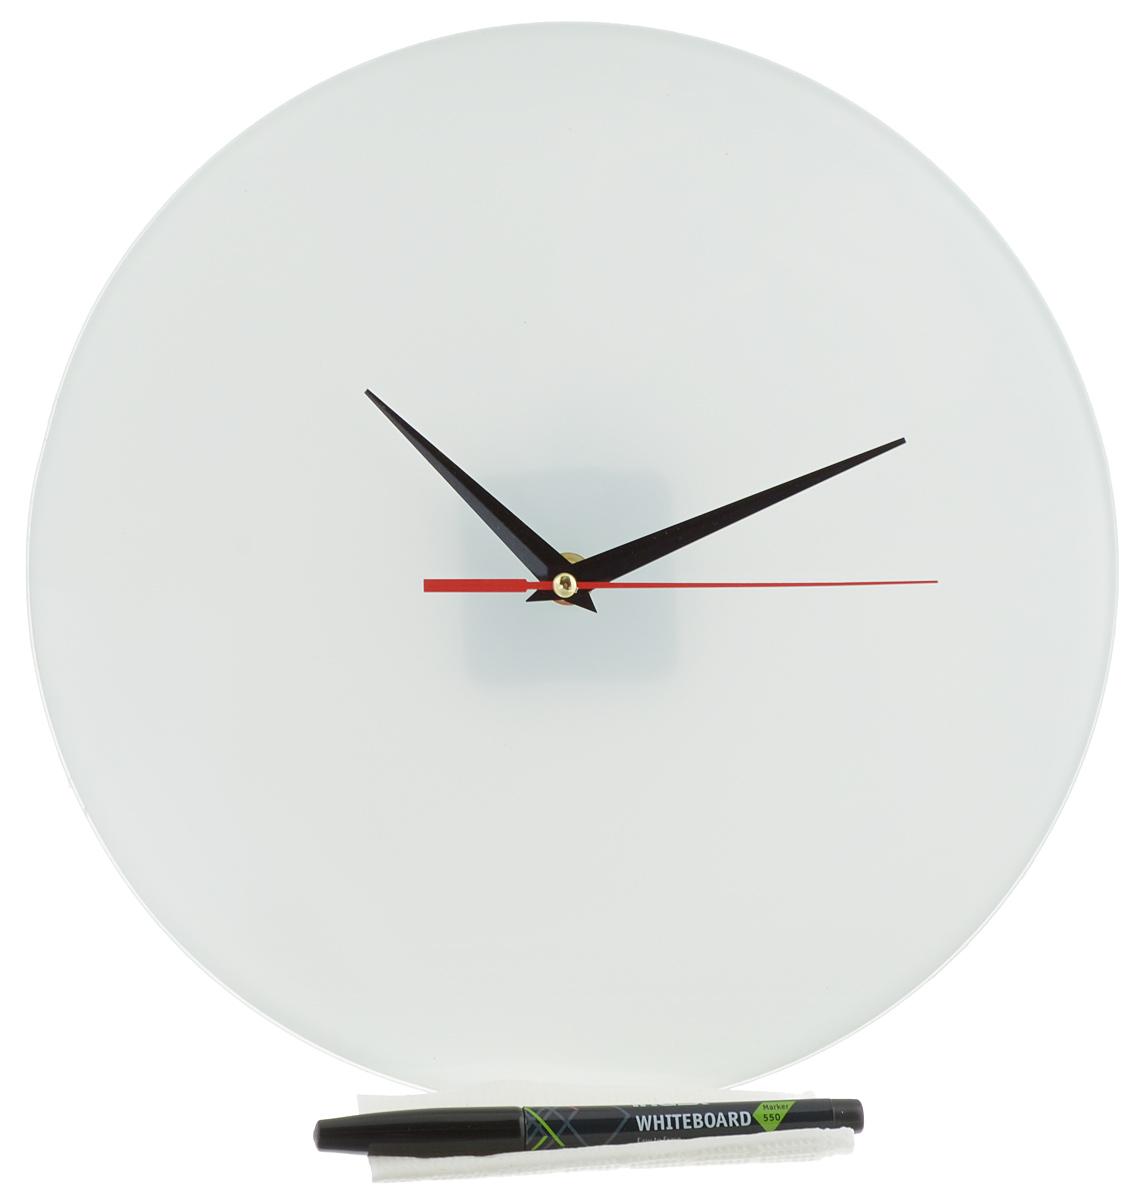 Часы настенные Эврика Нарисуй сам, стеклянные, цвет: белый, диаметр 28 см93382_стекло/маркерНастенные часы Нарисуй сам своим необычным дизайном подчеркнут стильность и оригинальность интерьера вашего дома. Циферблат часов выполнен из стекла белого цвета. В комплекте черный маркер с салфеткой, с помощью которых вы сможете сами создать дизайн ваших часов. Часы имеют три стрелки - часовую, минутную и секундную. На задней стенке часов расположена металлическая петелька для подвешивания. Часы работают от одной батарейки типа АА. Диаметр часов: 28 см. Такие часы послужат отличным подарком для ценителя ярких и необычных вещей. Батарейка в комплект не входит.